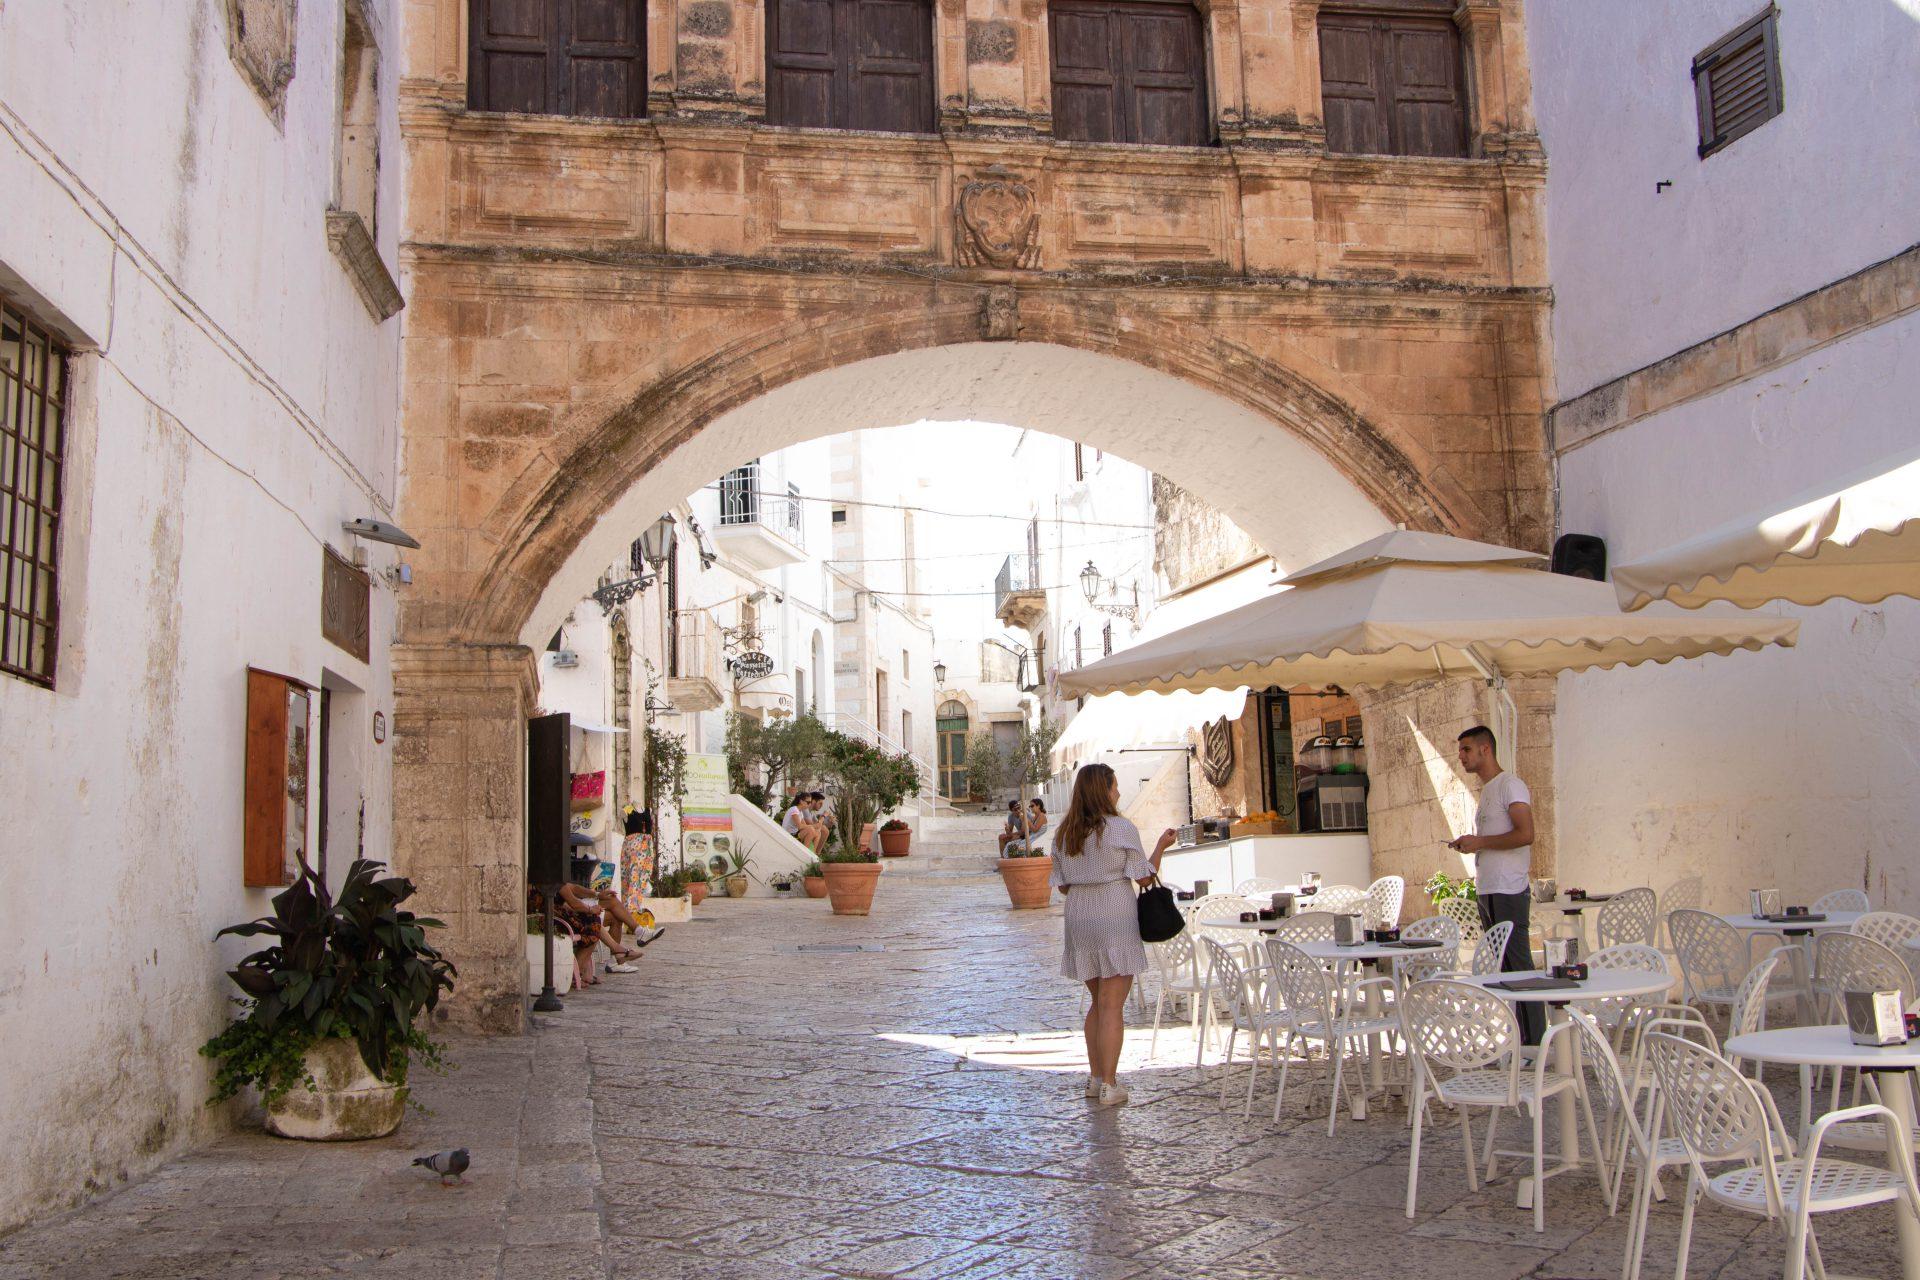 Ostuni - mooiste steden in Italië